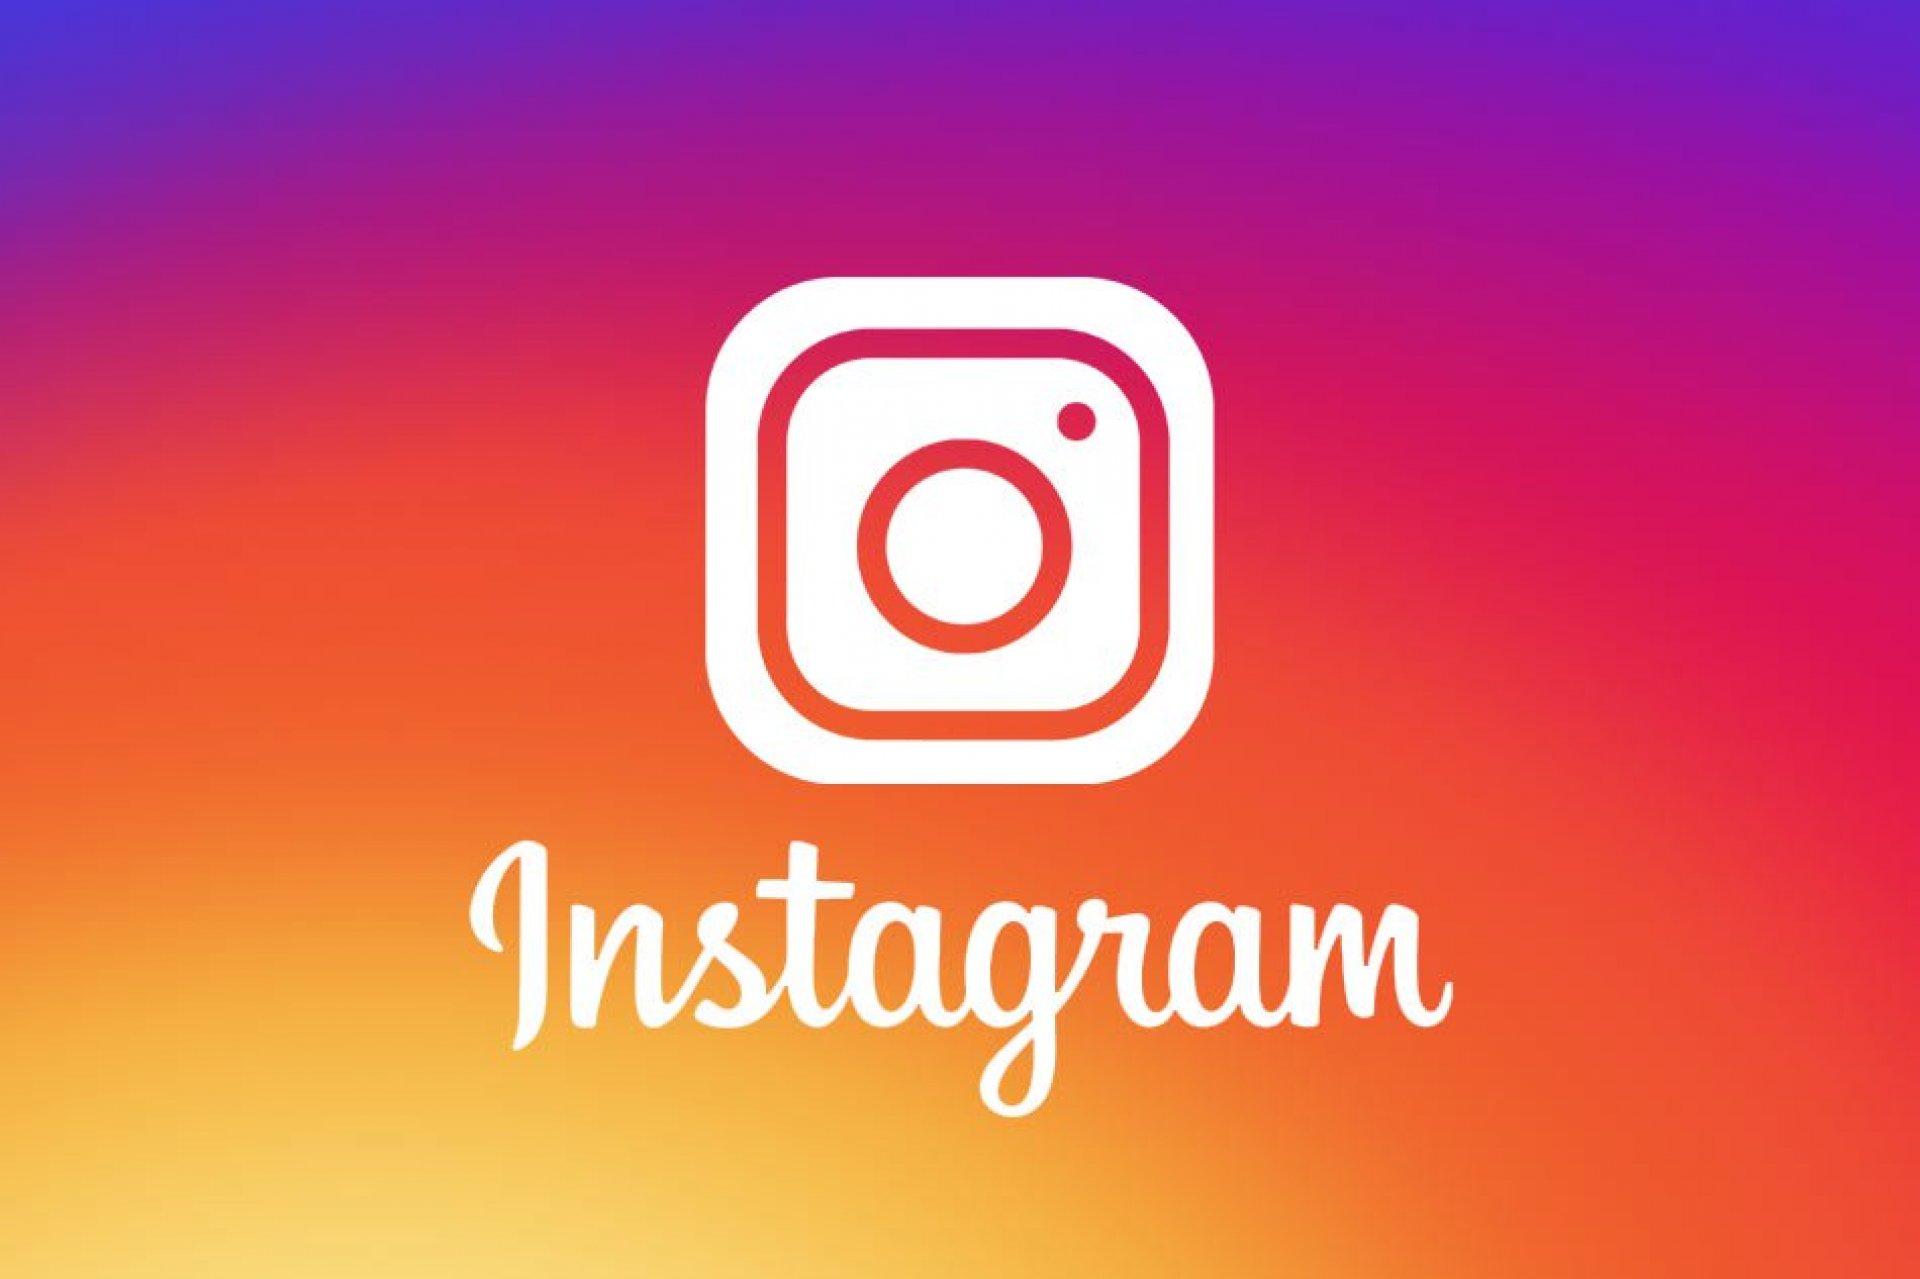 instagram-logo_39577000